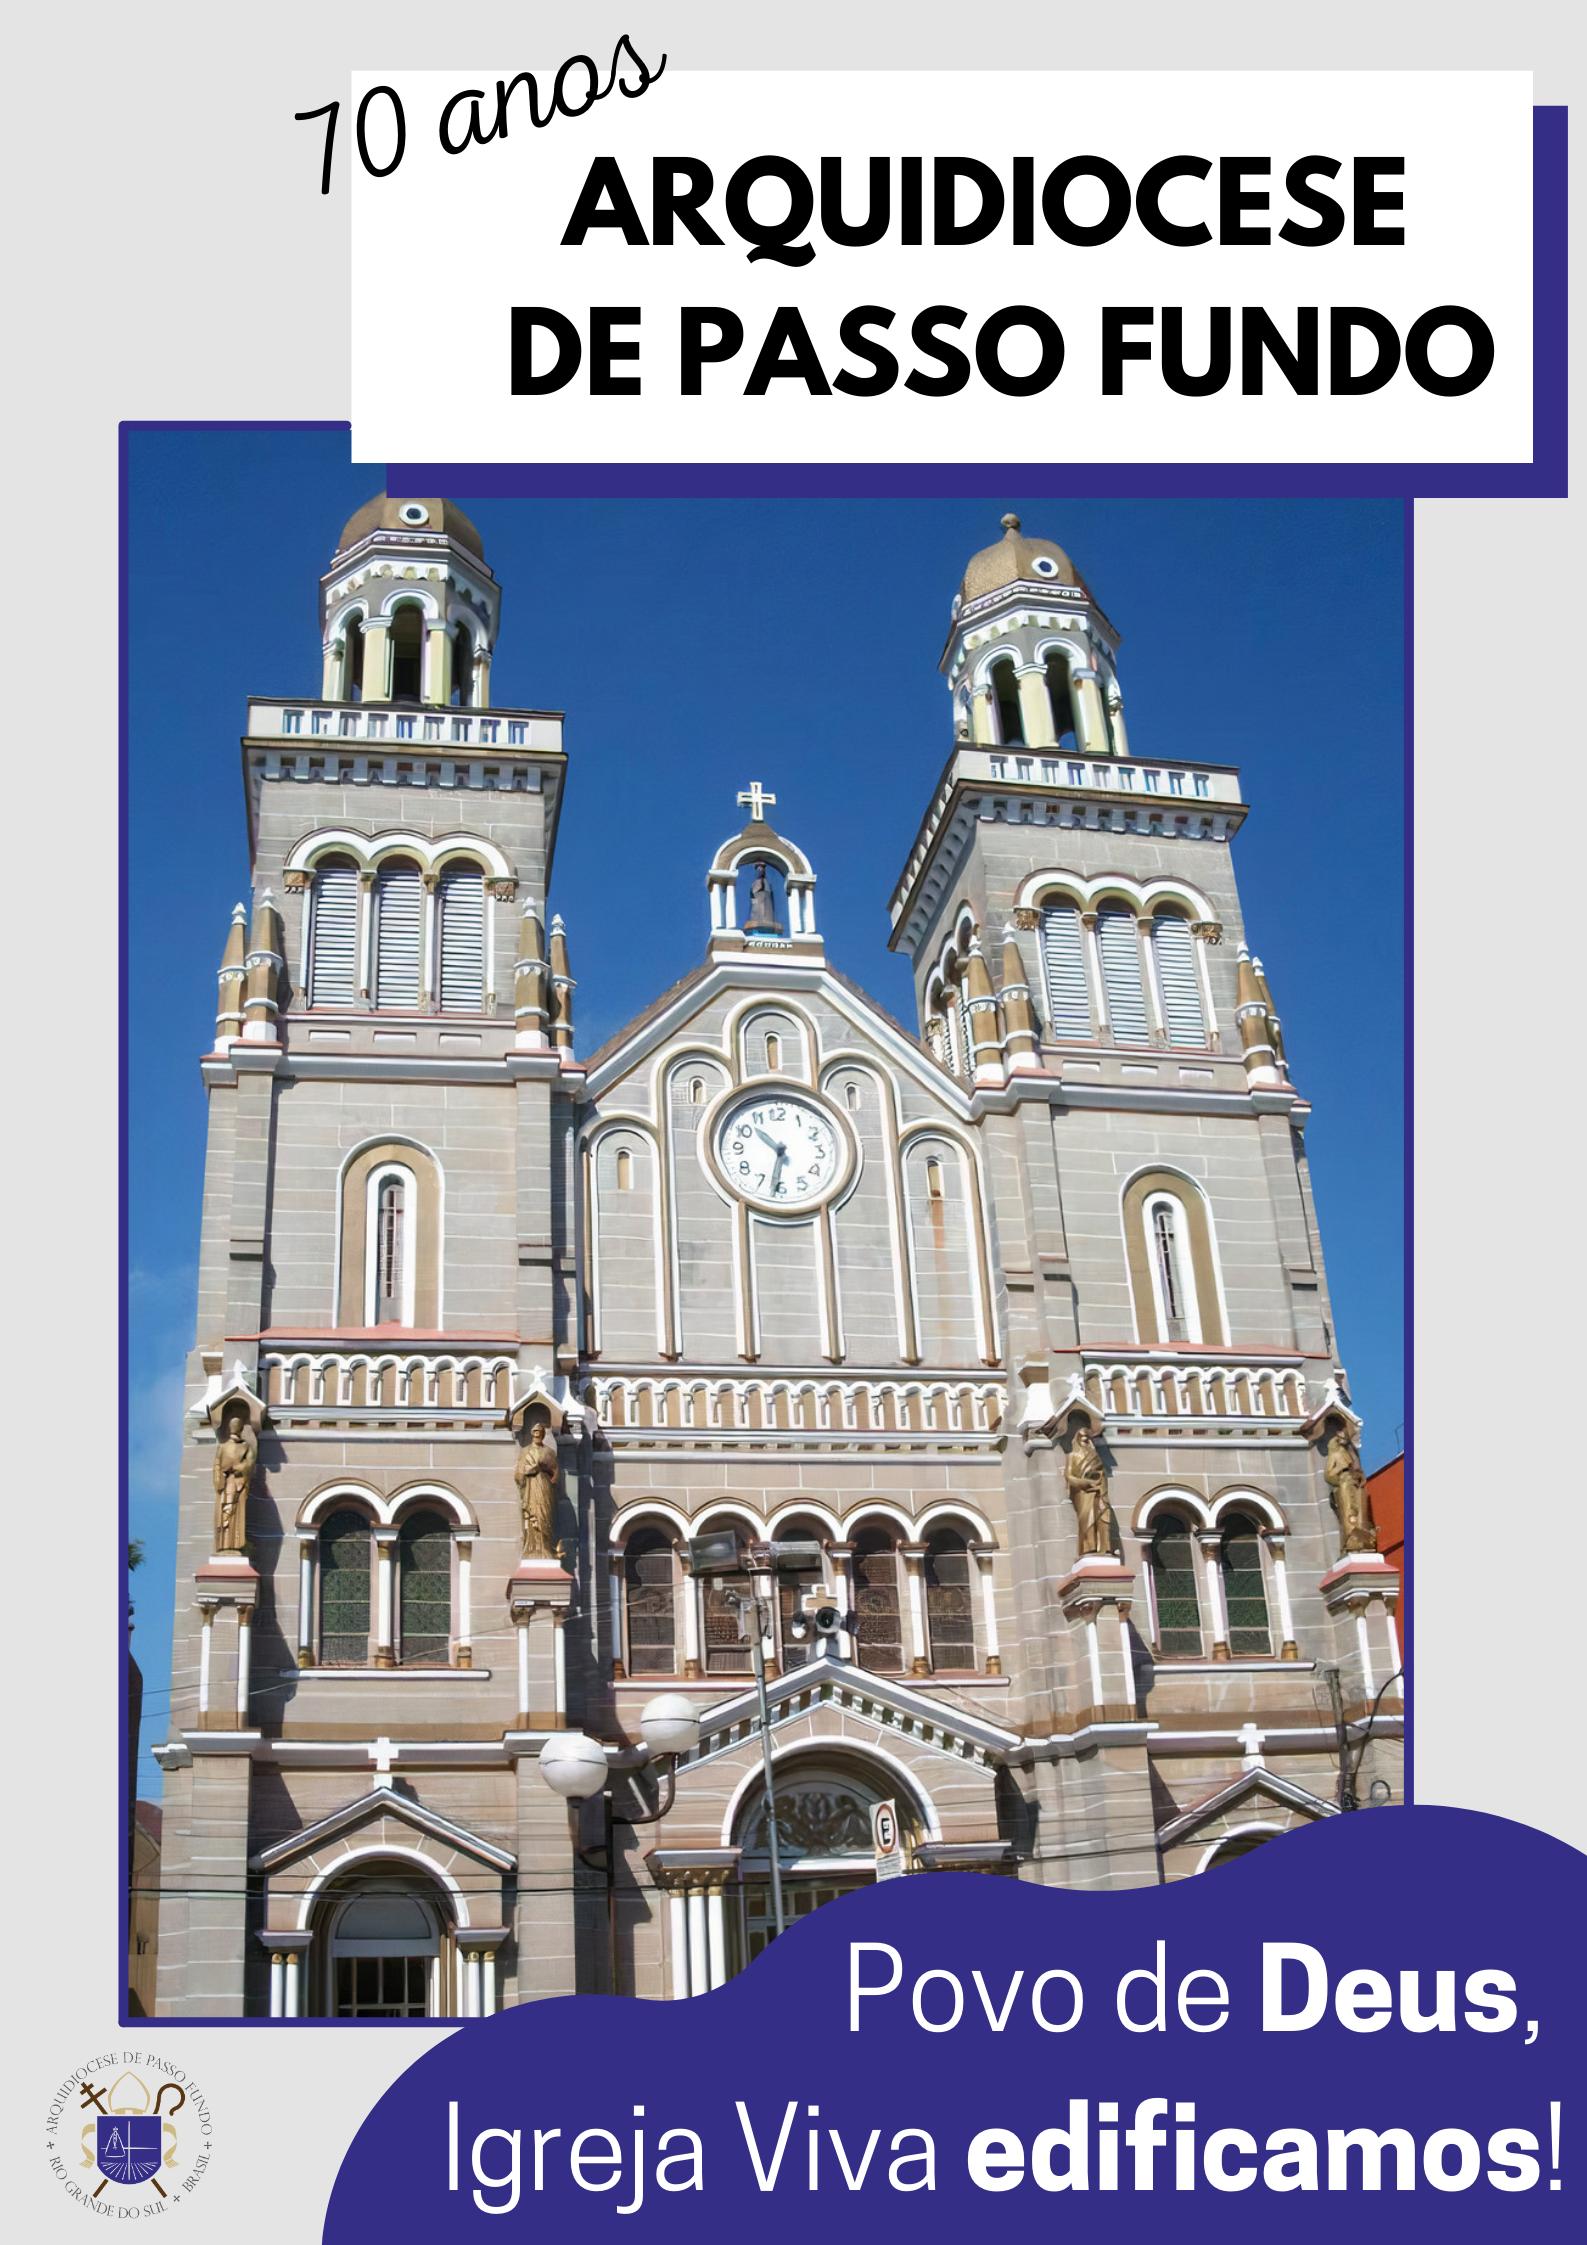 Arquidiocese de Passo Fundo celebra 70 anos desde sua criação